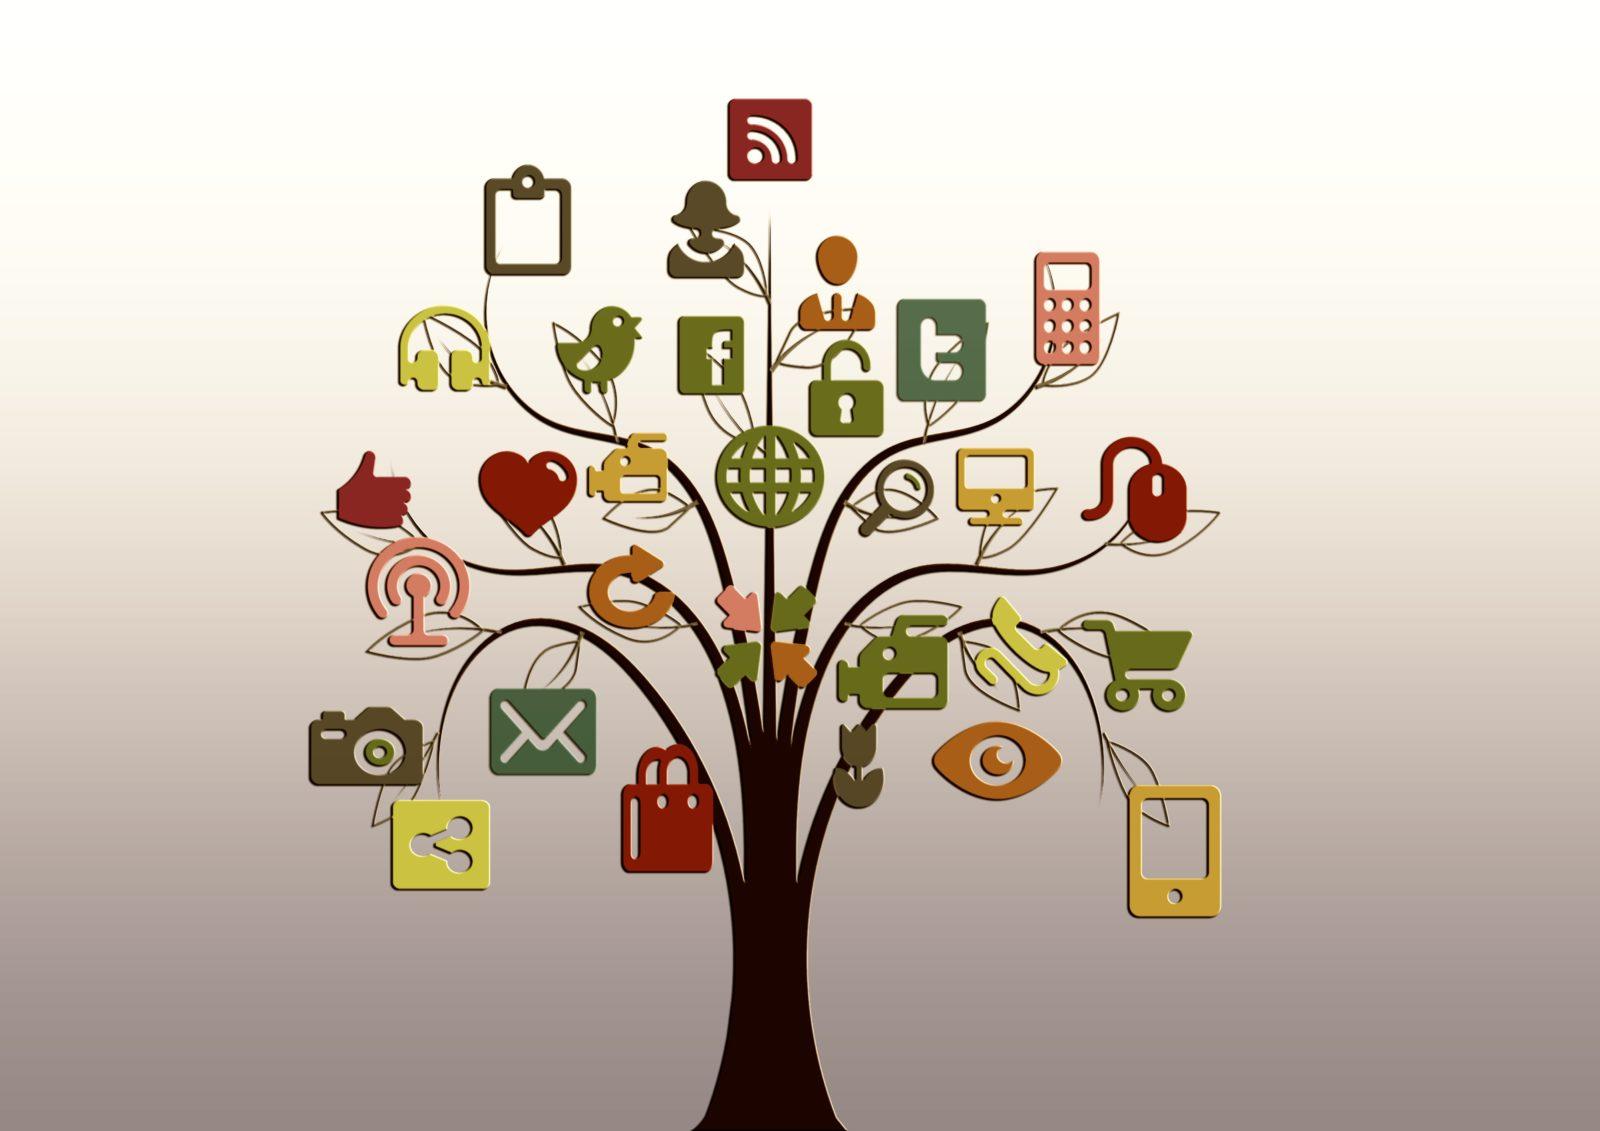 Sosyal Medyada Ürün Tanıtımı İçin 7 Kanıtlanmış Yol